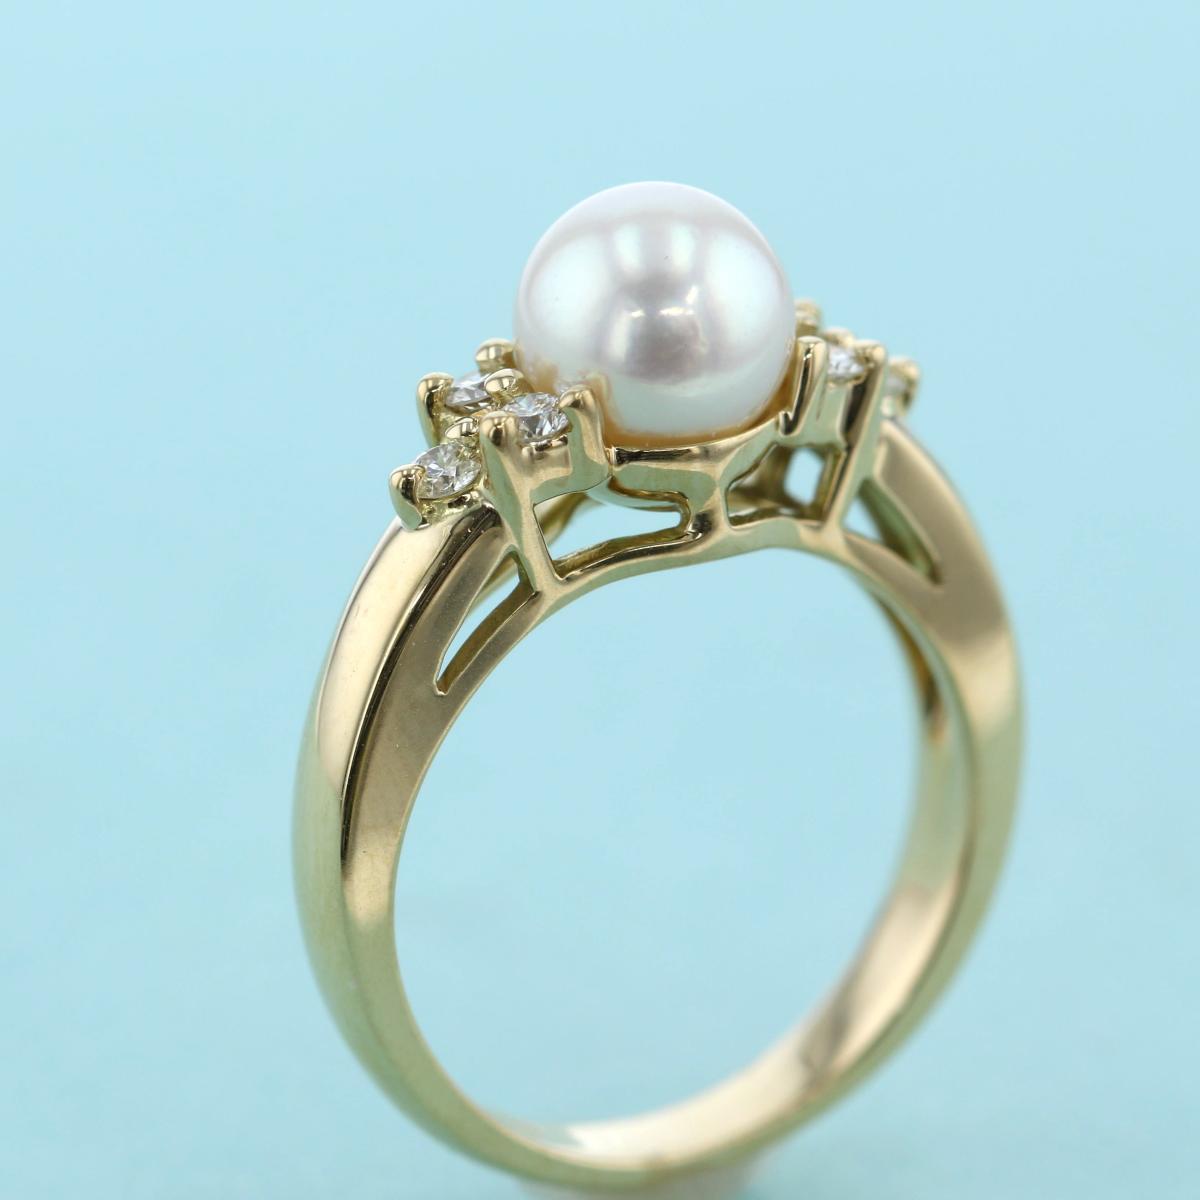 【中古】Tiffany&Co. (ティファニー) パール ダイヤモンド リング 750YG ブランドジュエリー 指輪 イエローゴールド used:A